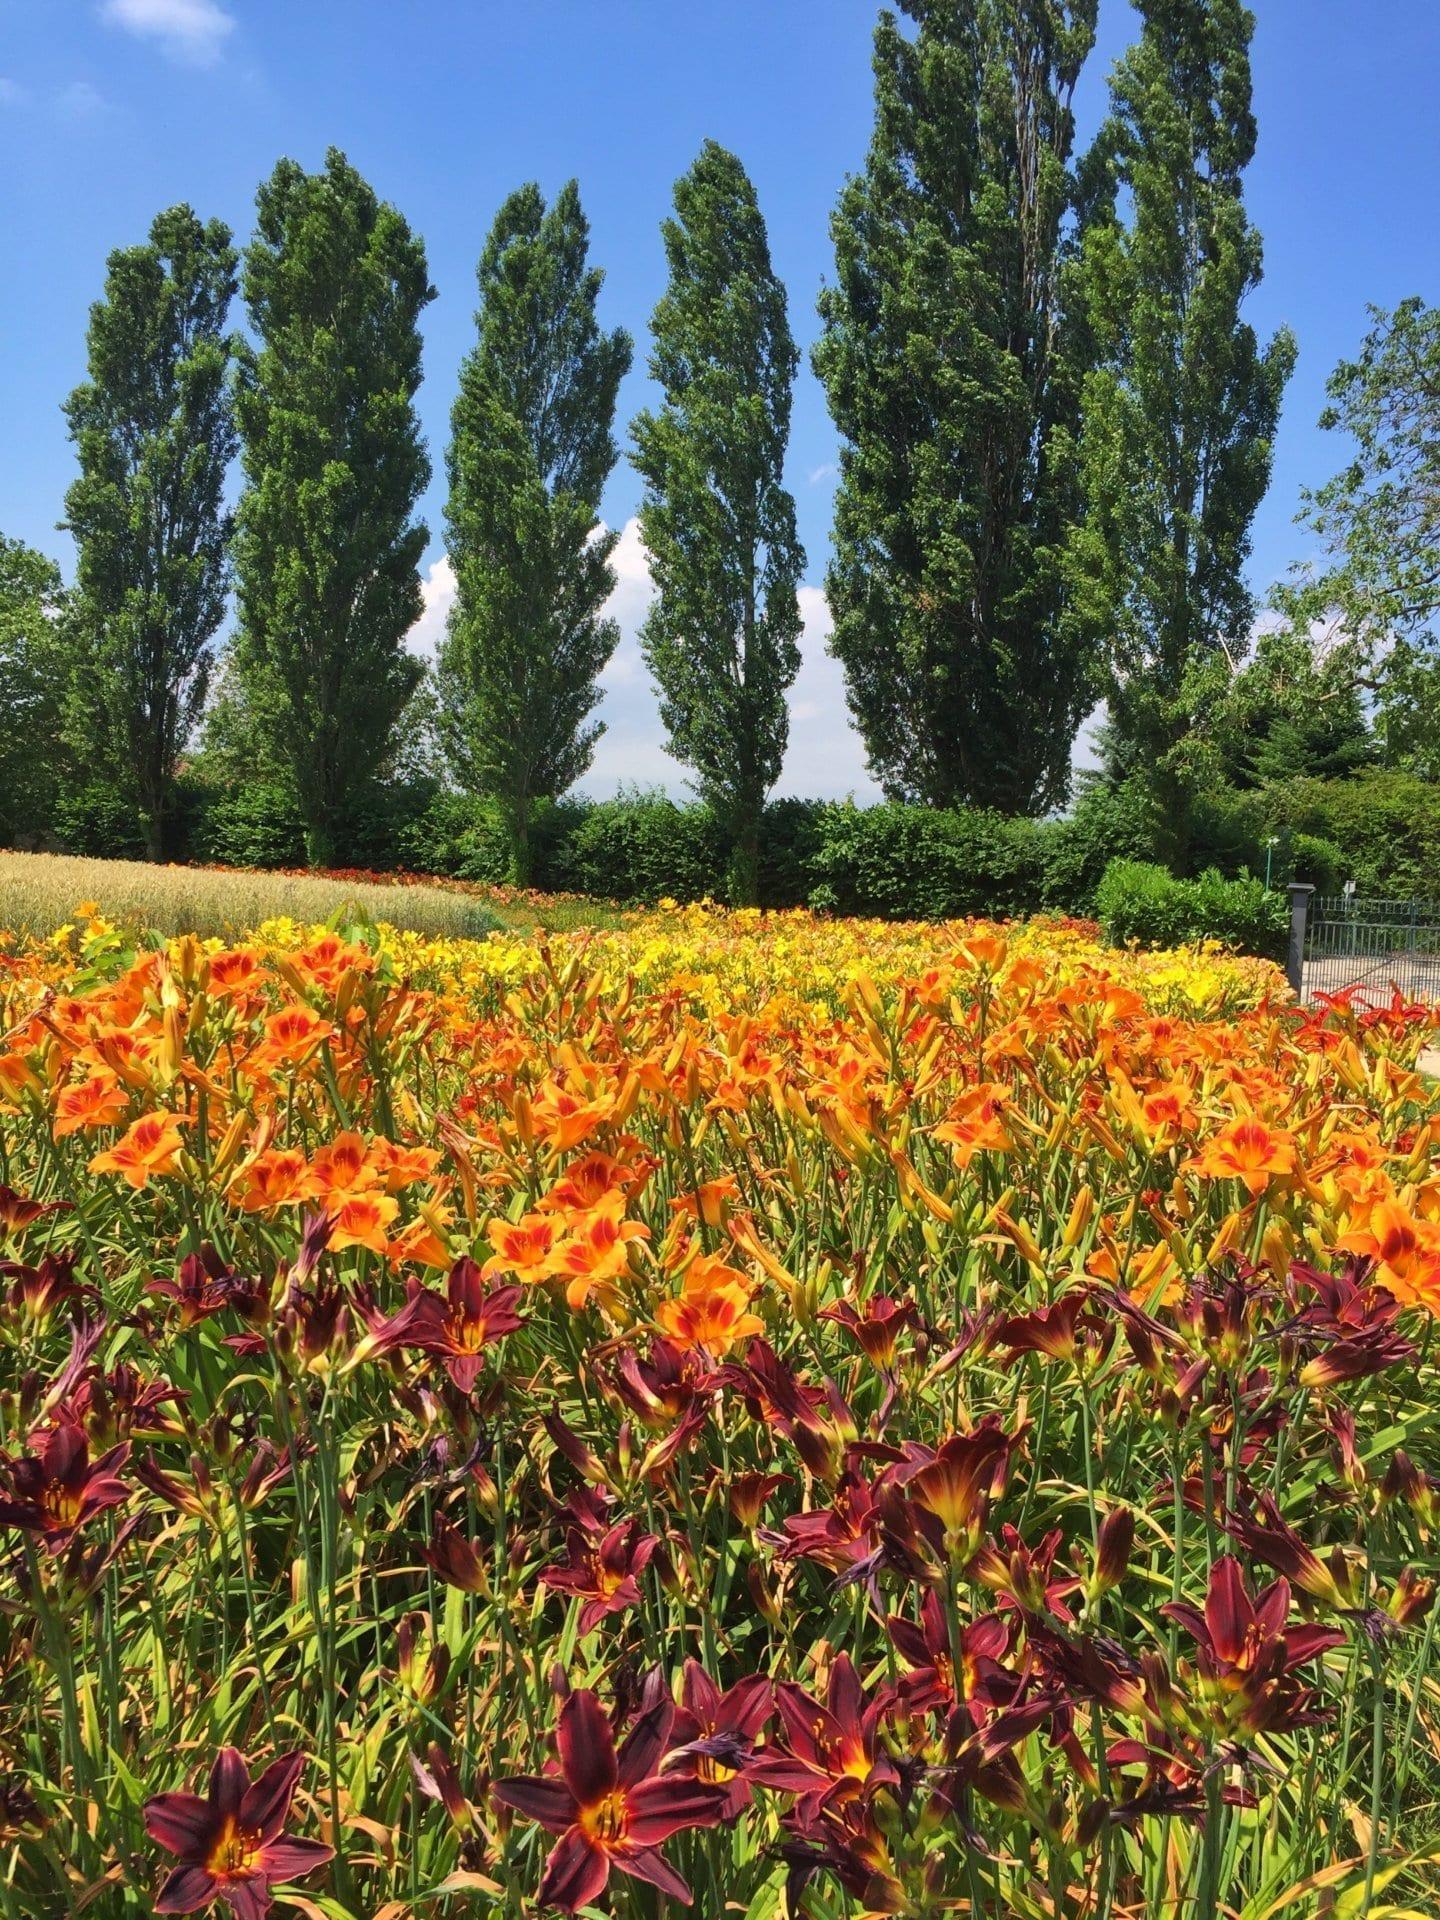 Champs de lys-hémérocalles de couleurs vives jaunes, rouge et orange en plein mois de juillet.